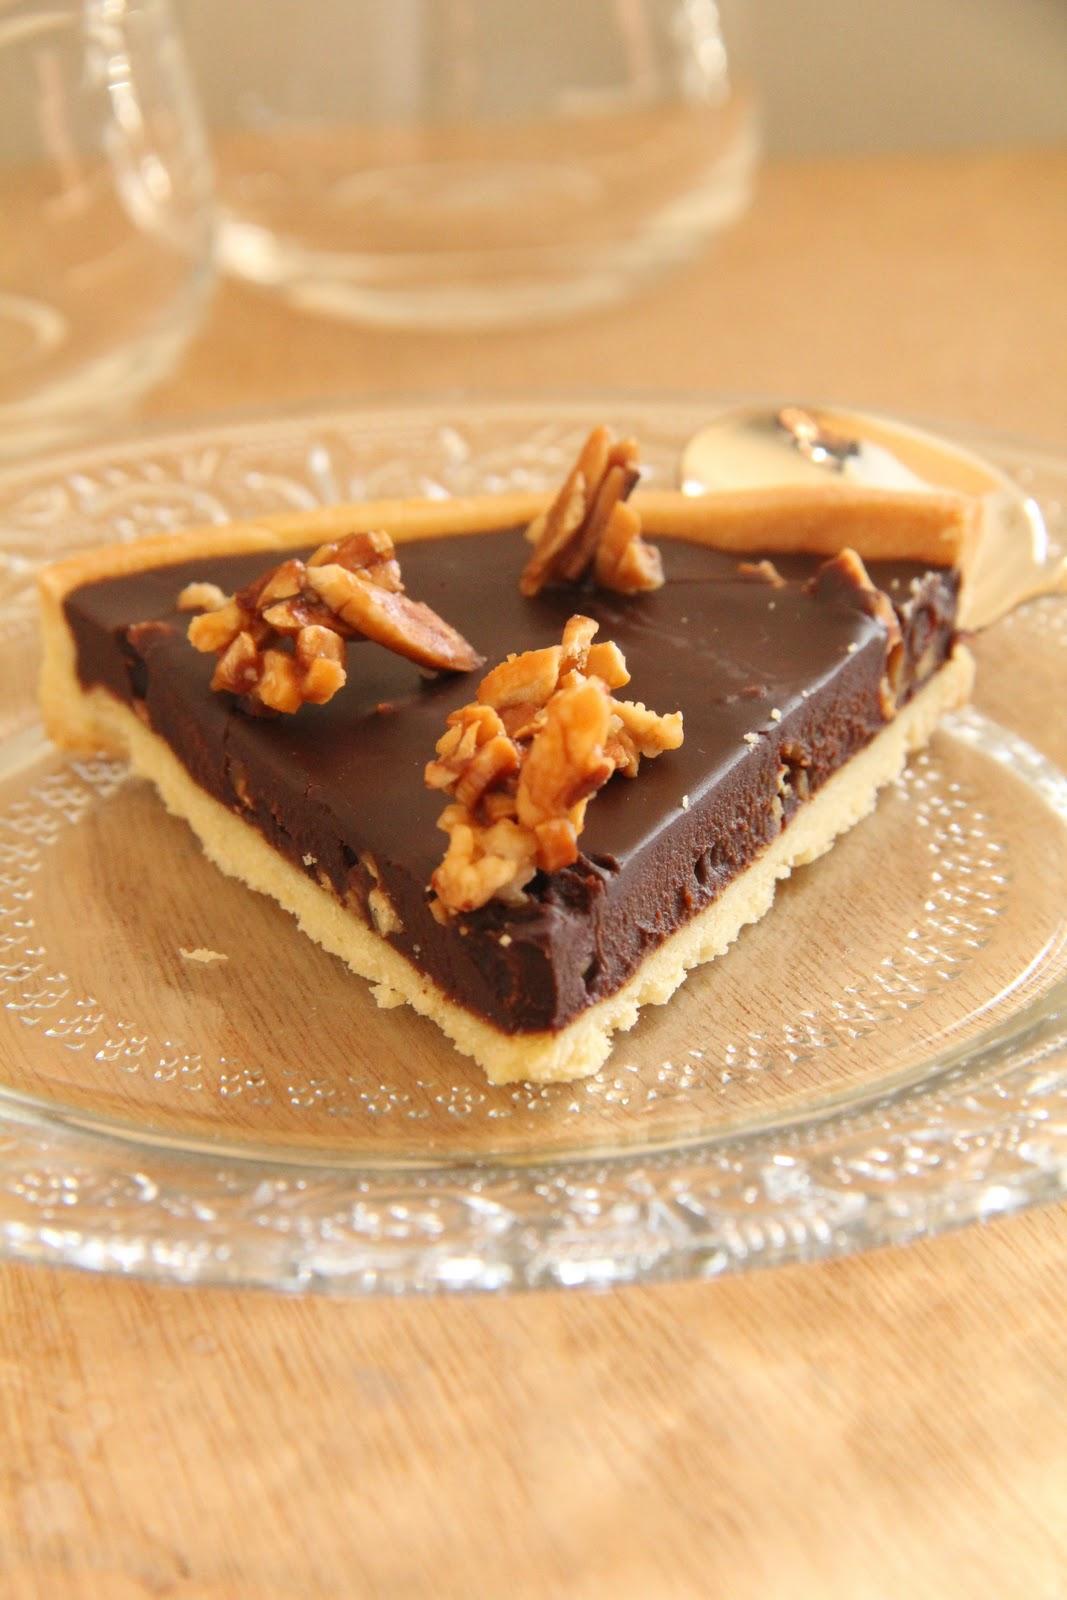 on dine chez nanou tarte au chocolat ganache sans cr me et amandes caram lis es. Black Bedroom Furniture Sets. Home Design Ideas